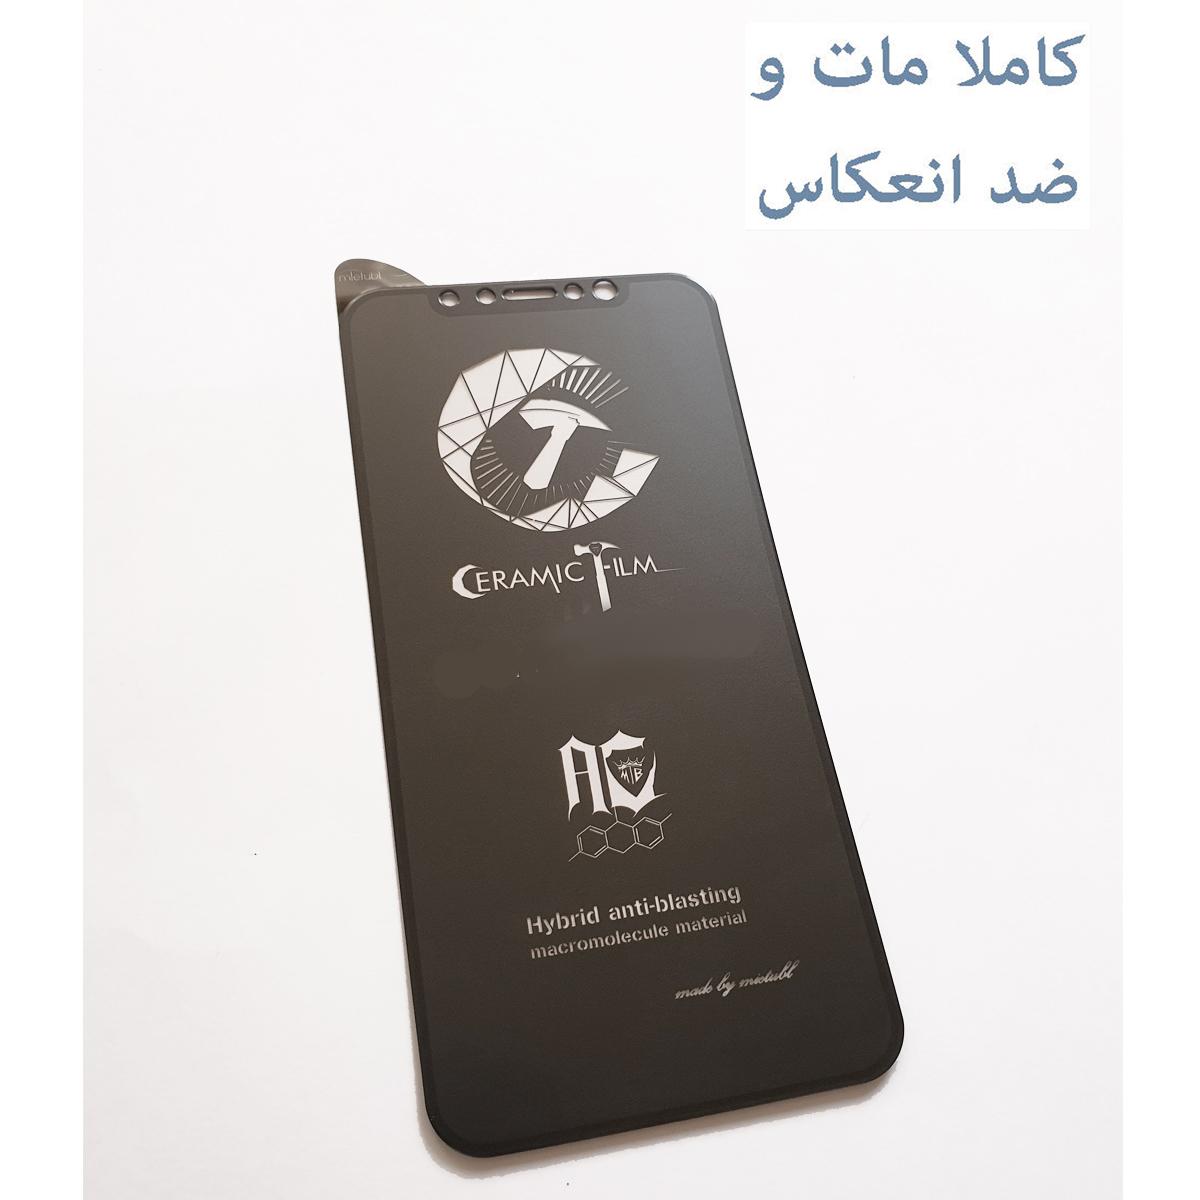 محافظ صفحه نمایش سرامیکی میتوبل مدل FLCEM22st مناسب برای گوشی موبایل سامسونگ Galaxy A50 thumb 2 6